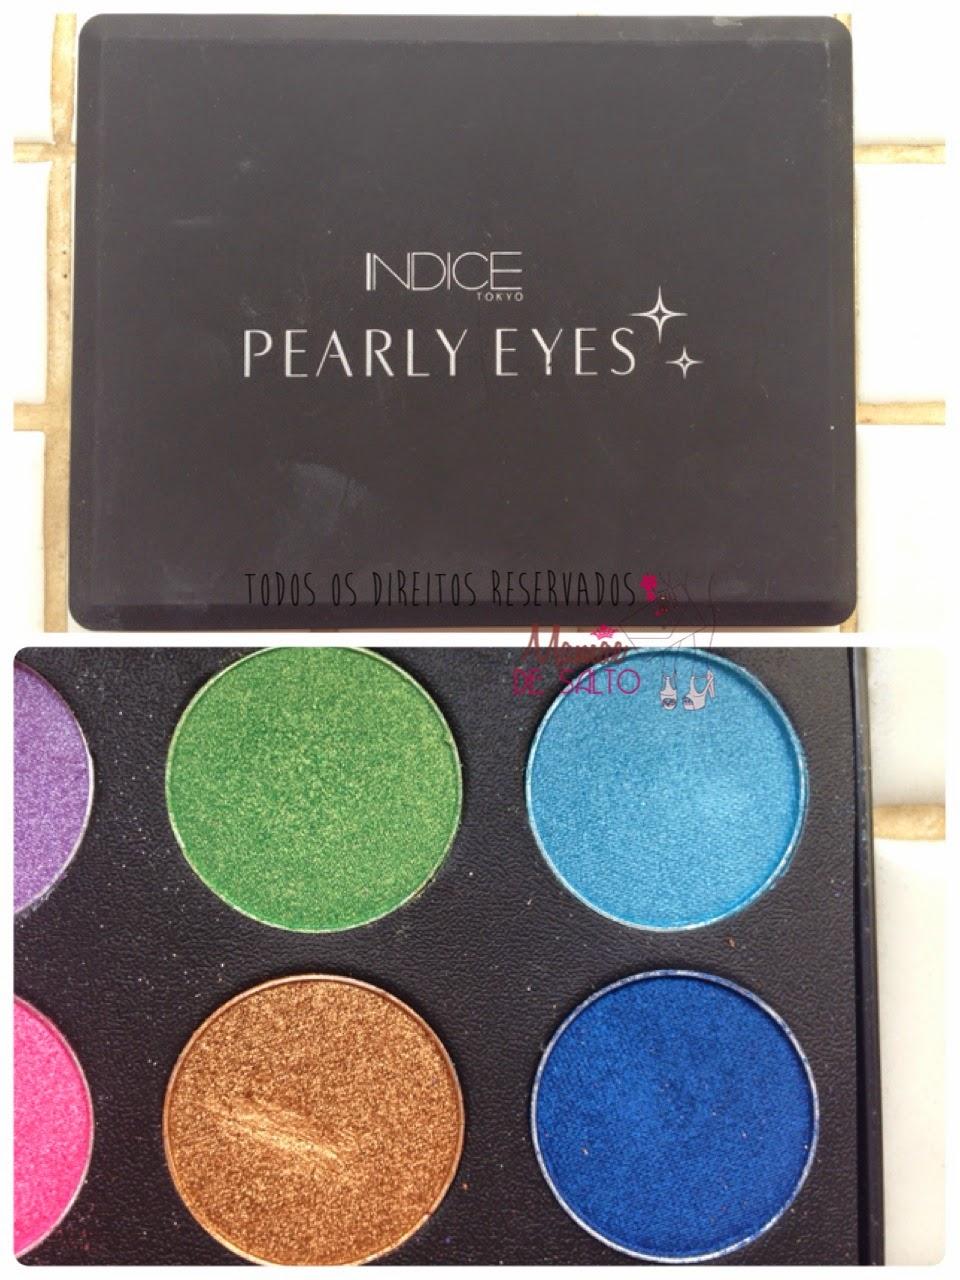 paleta sombras pearly eyes indice tokyo => blog Mamãe de Salto